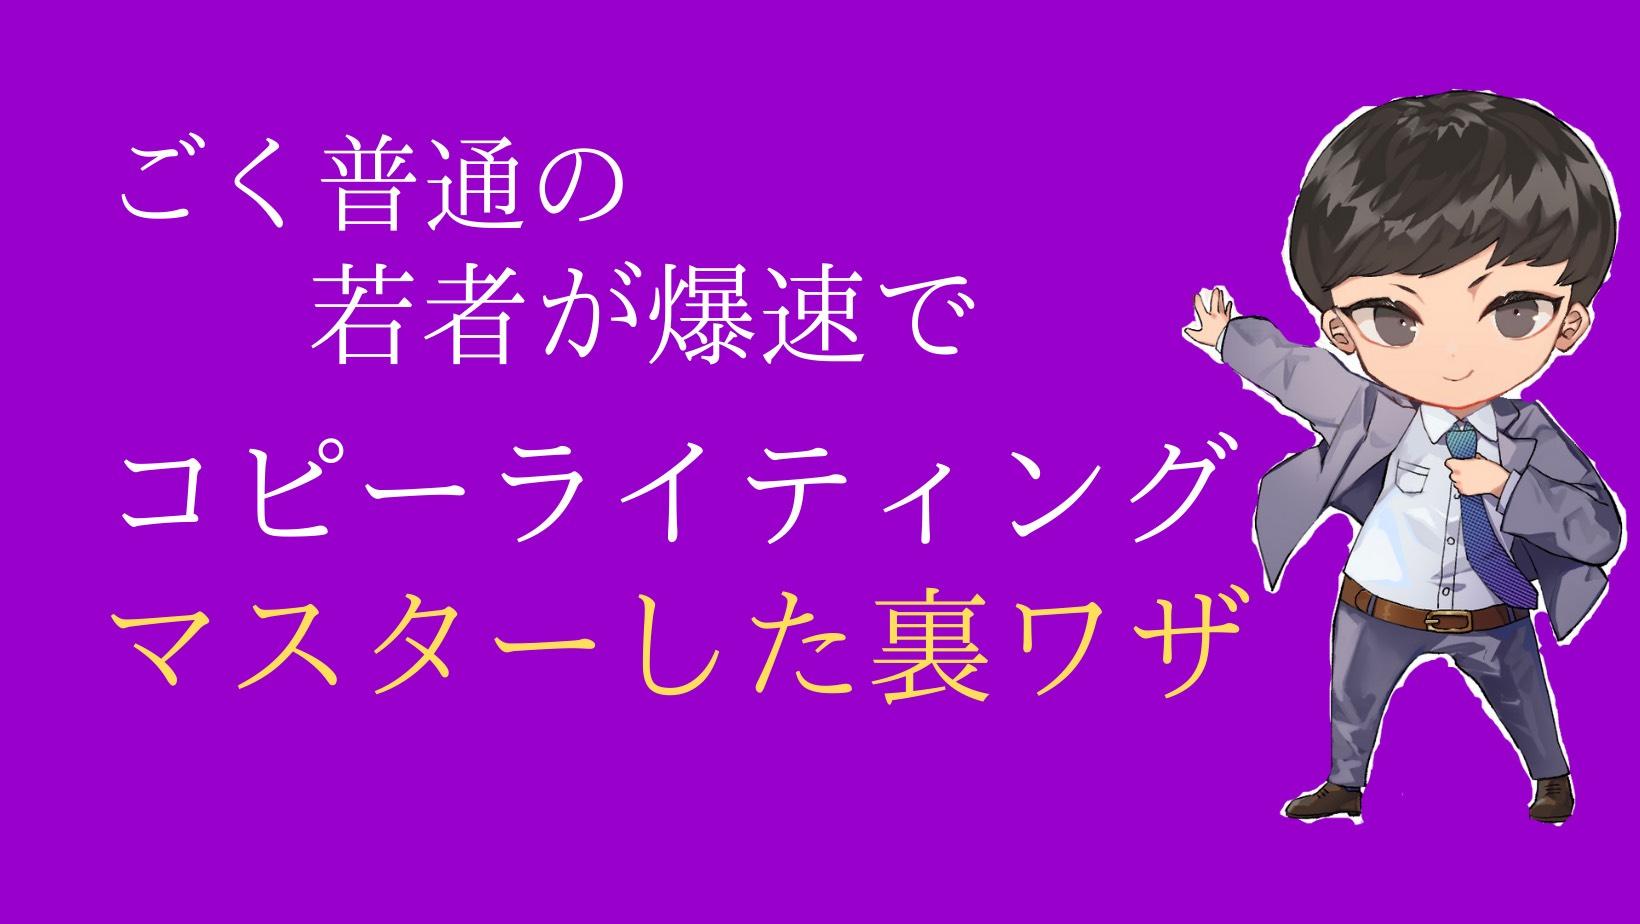 【悪用厳禁】爆速でコピーライティングをマスターできる裏ワザ!!